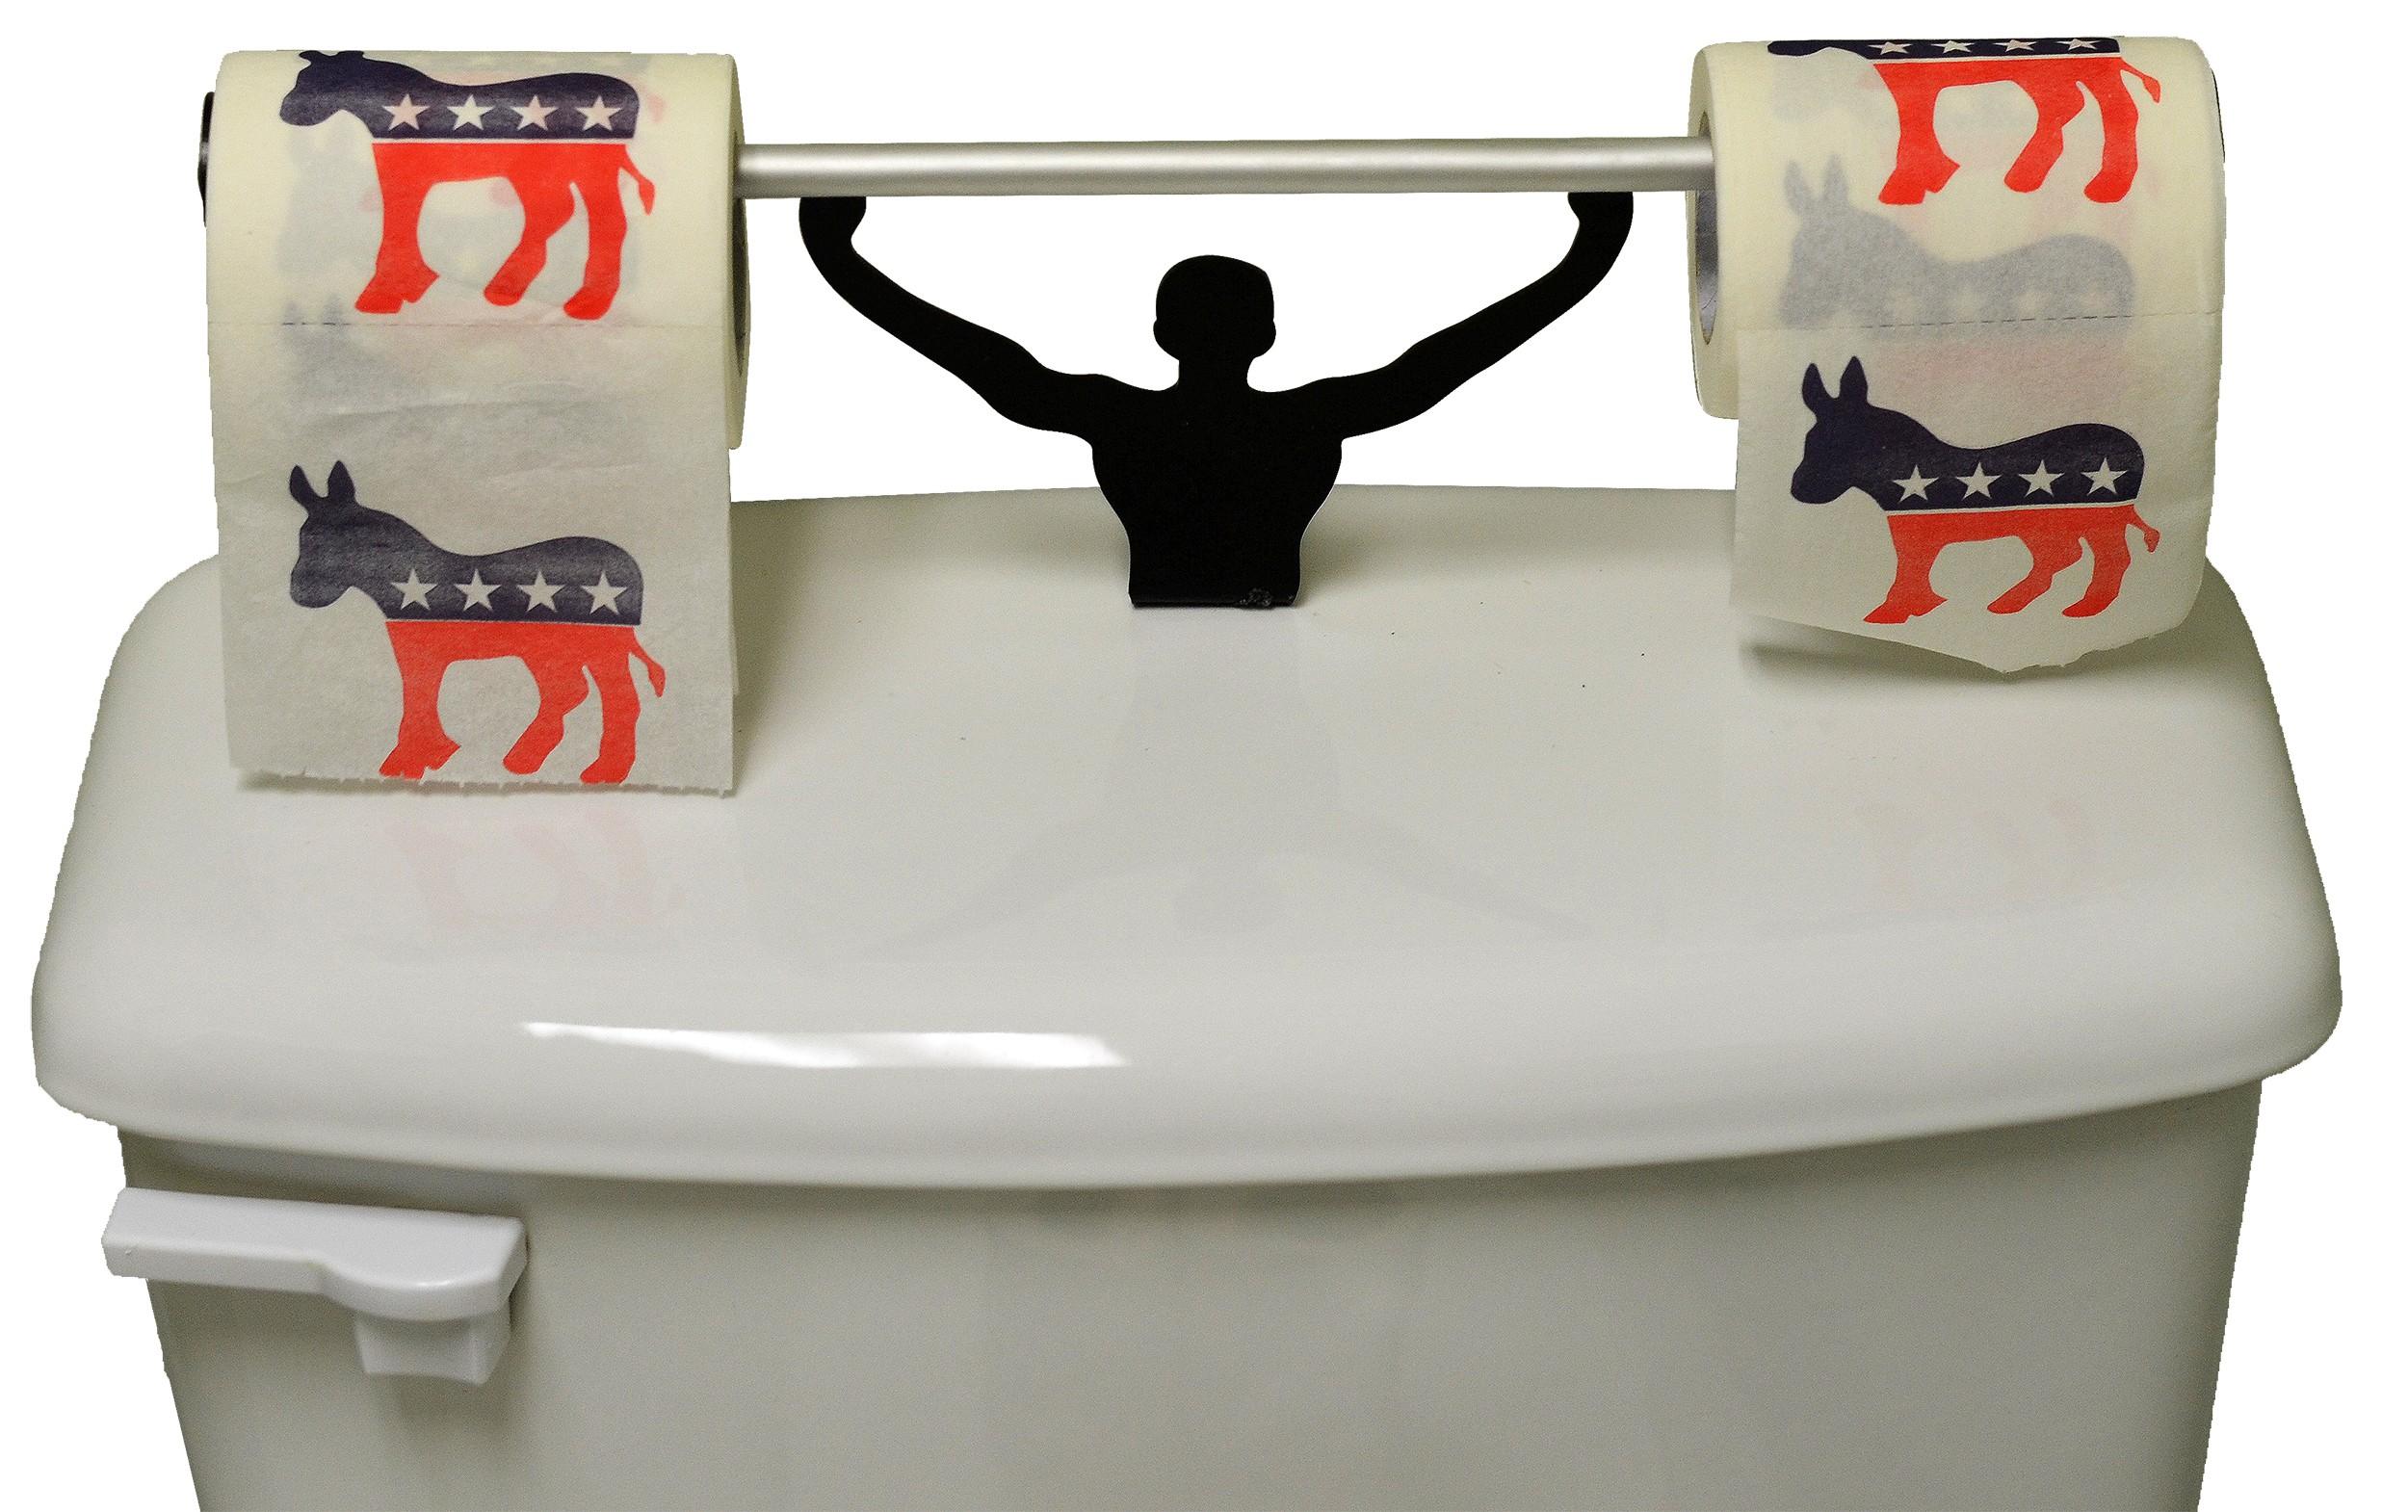 Novelty Toilet Paper Holder Gift Set